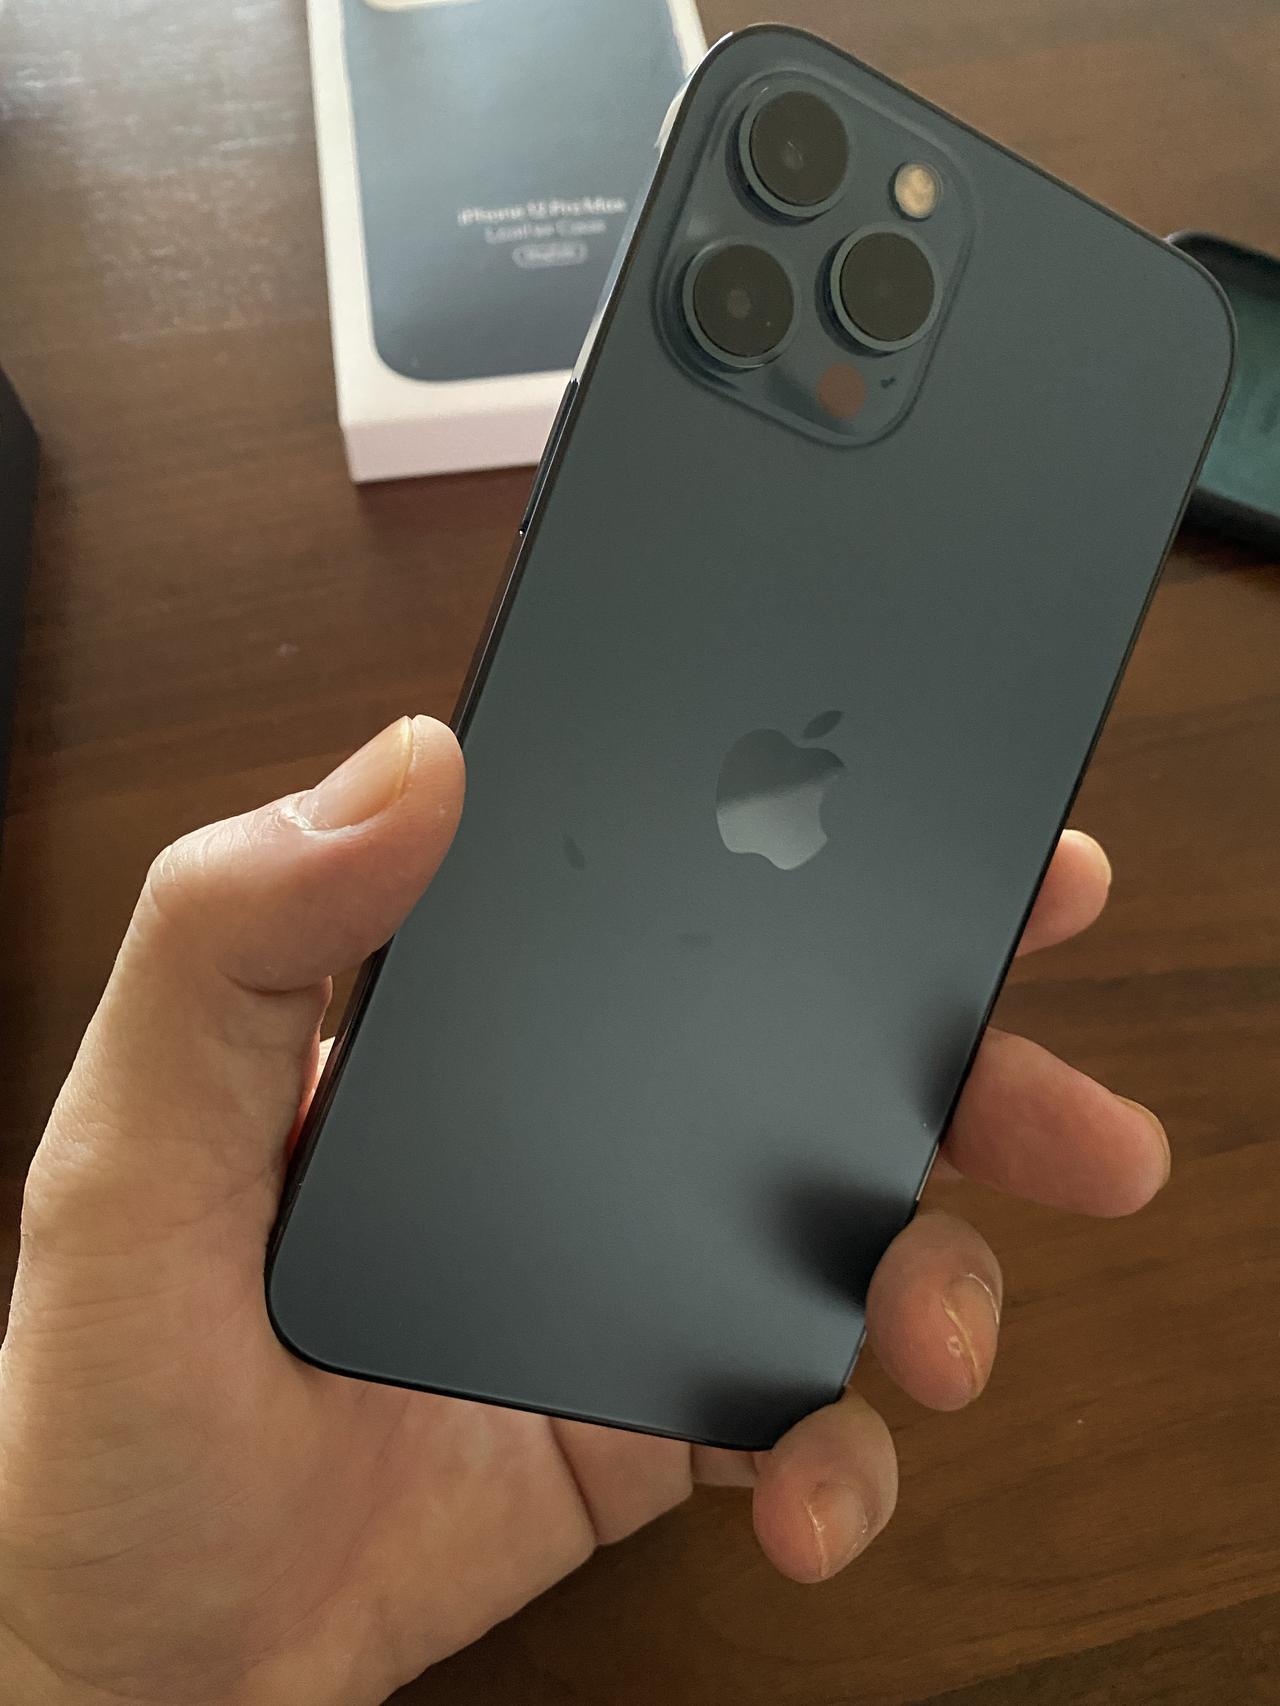 画像2: Apple iPhone 12 Pro Max 発売開始(2020/11/13)